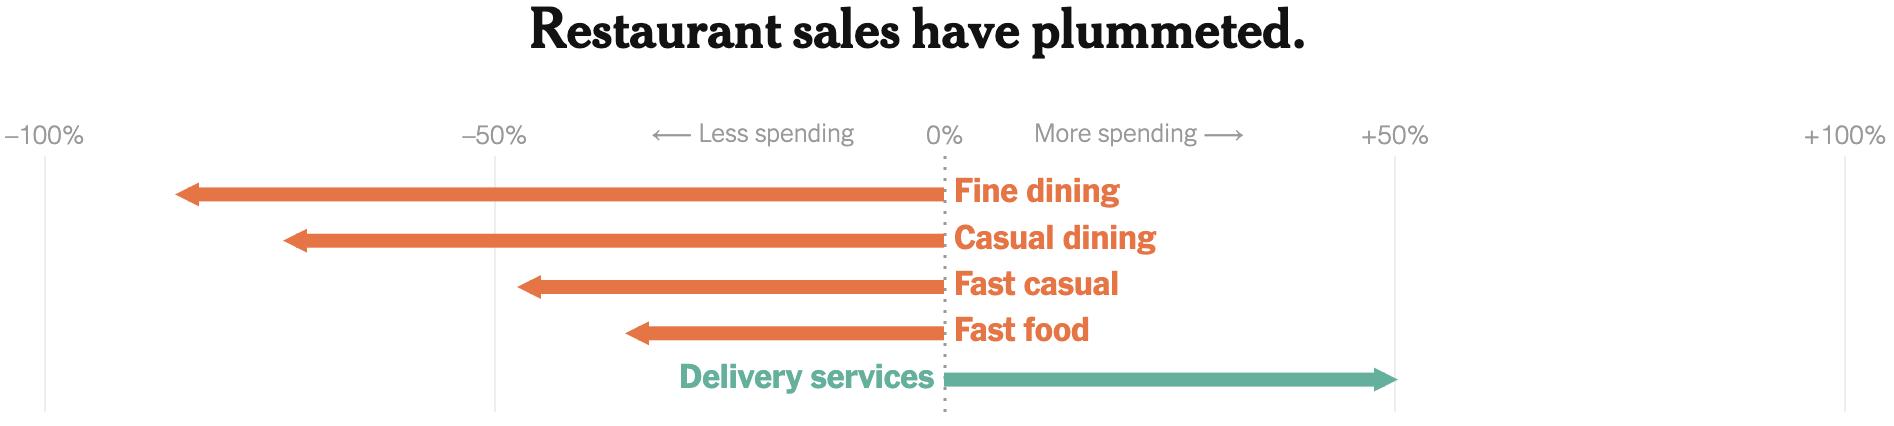 Как изменились траты американцев на рестораны высокого класса, обычные рестораны, обычные рестораны быстрого обслуживания, фастфуд и услуги по доставке за неделю, закончившуюся 1 апреля 2020года, по сравнению с тем же периодом 2019года. Источник: TheNew York Times